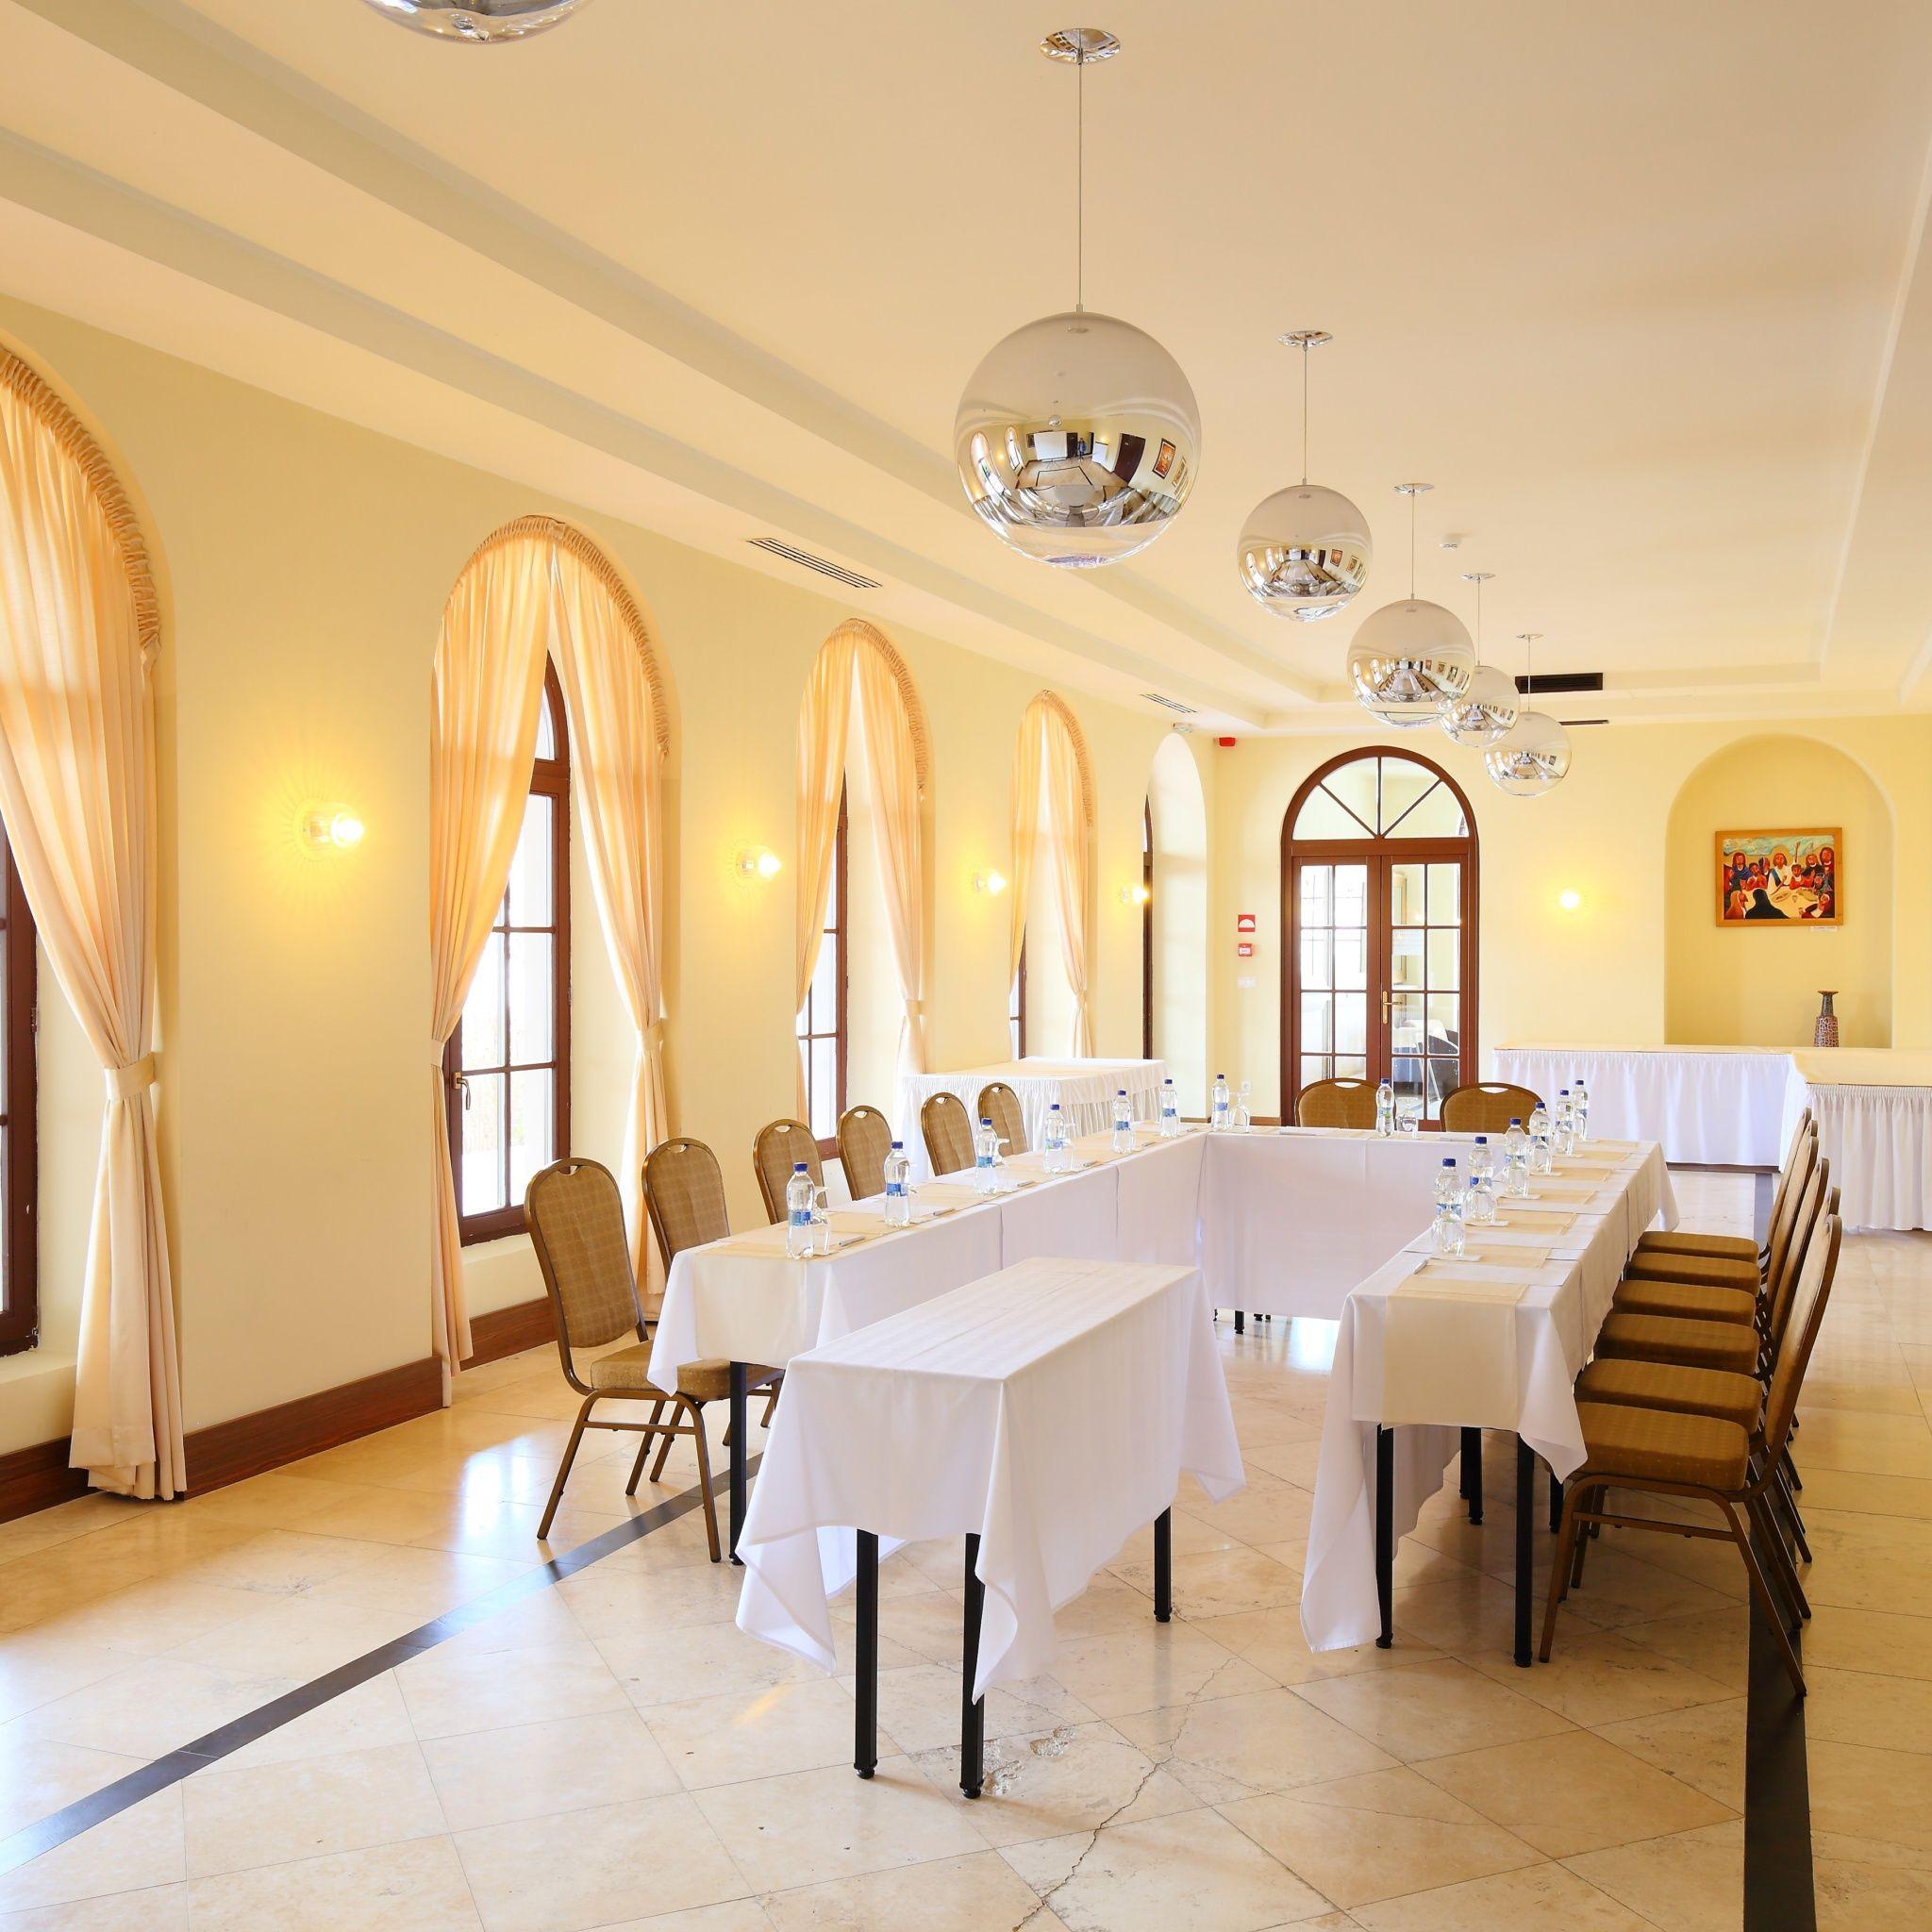 Anna Grand Hotel Wine&Vital Balatonfüred - Árkád terem (konferenciaterem)